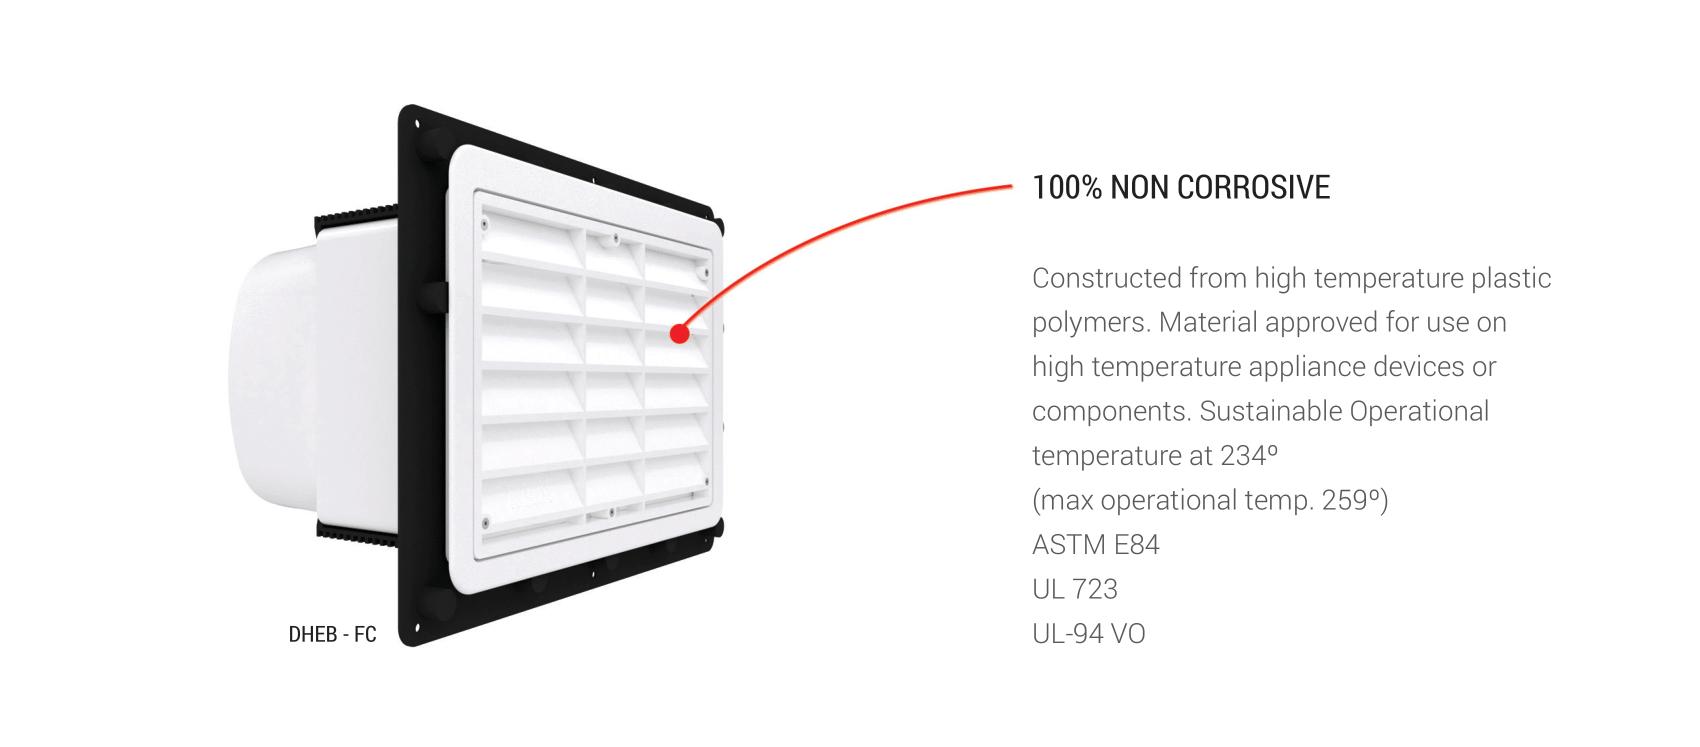 100% Non Corrosive